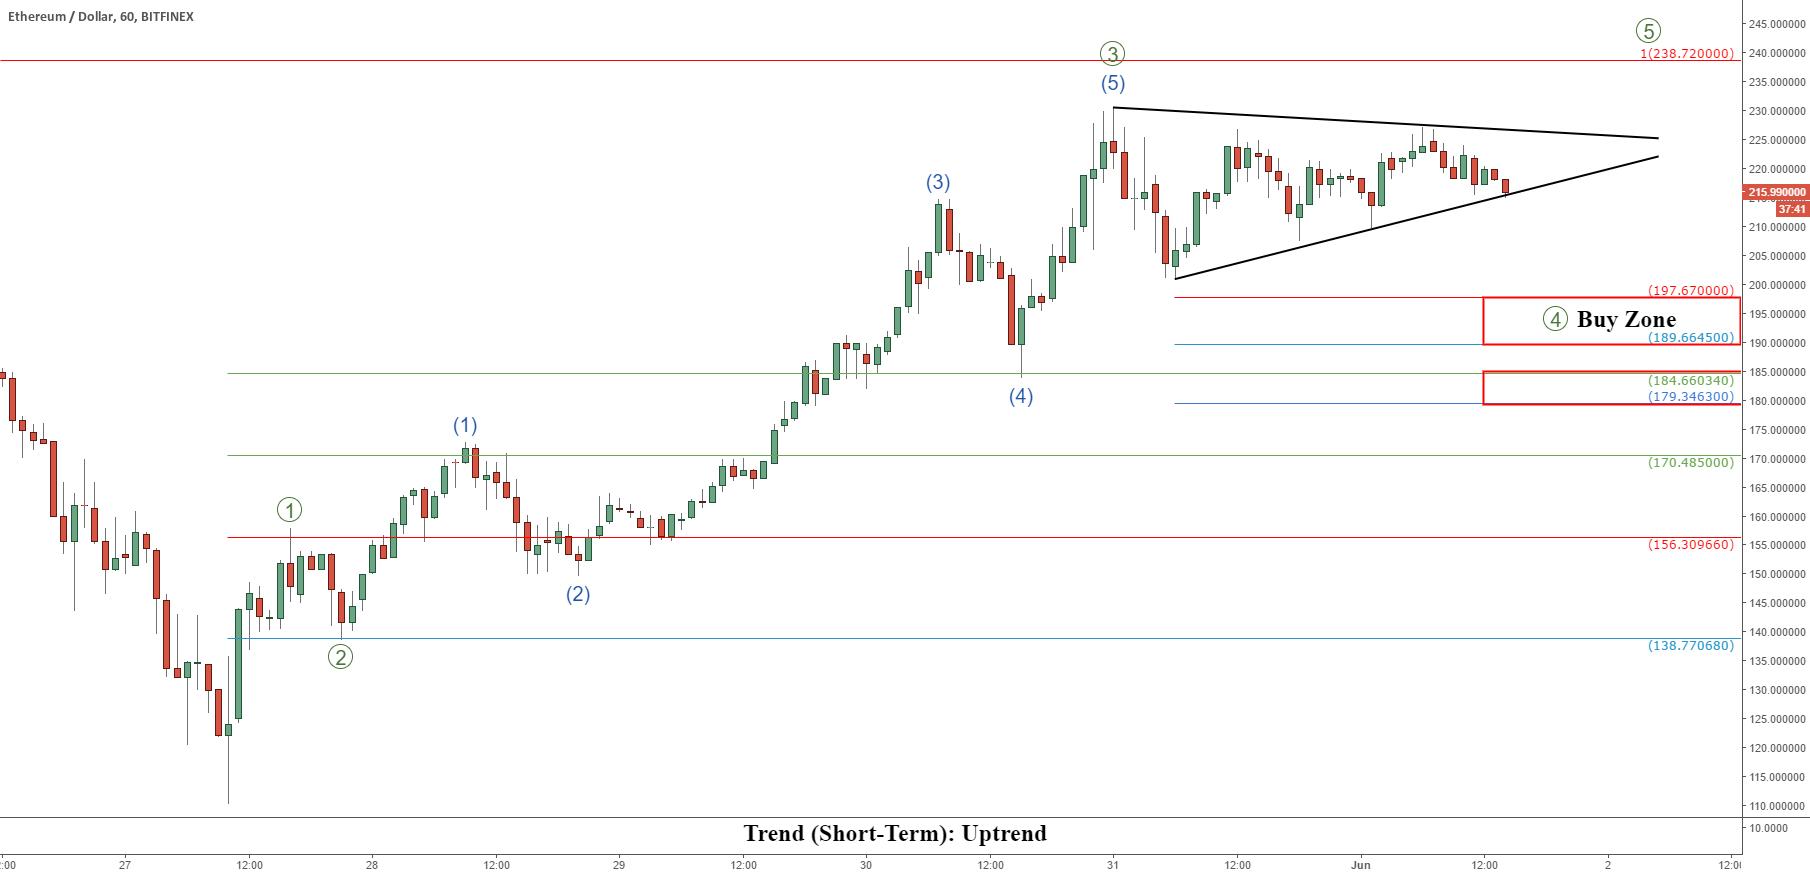 Ethereum (ETHUSD) Short-Term Update: Buy Zones Identified